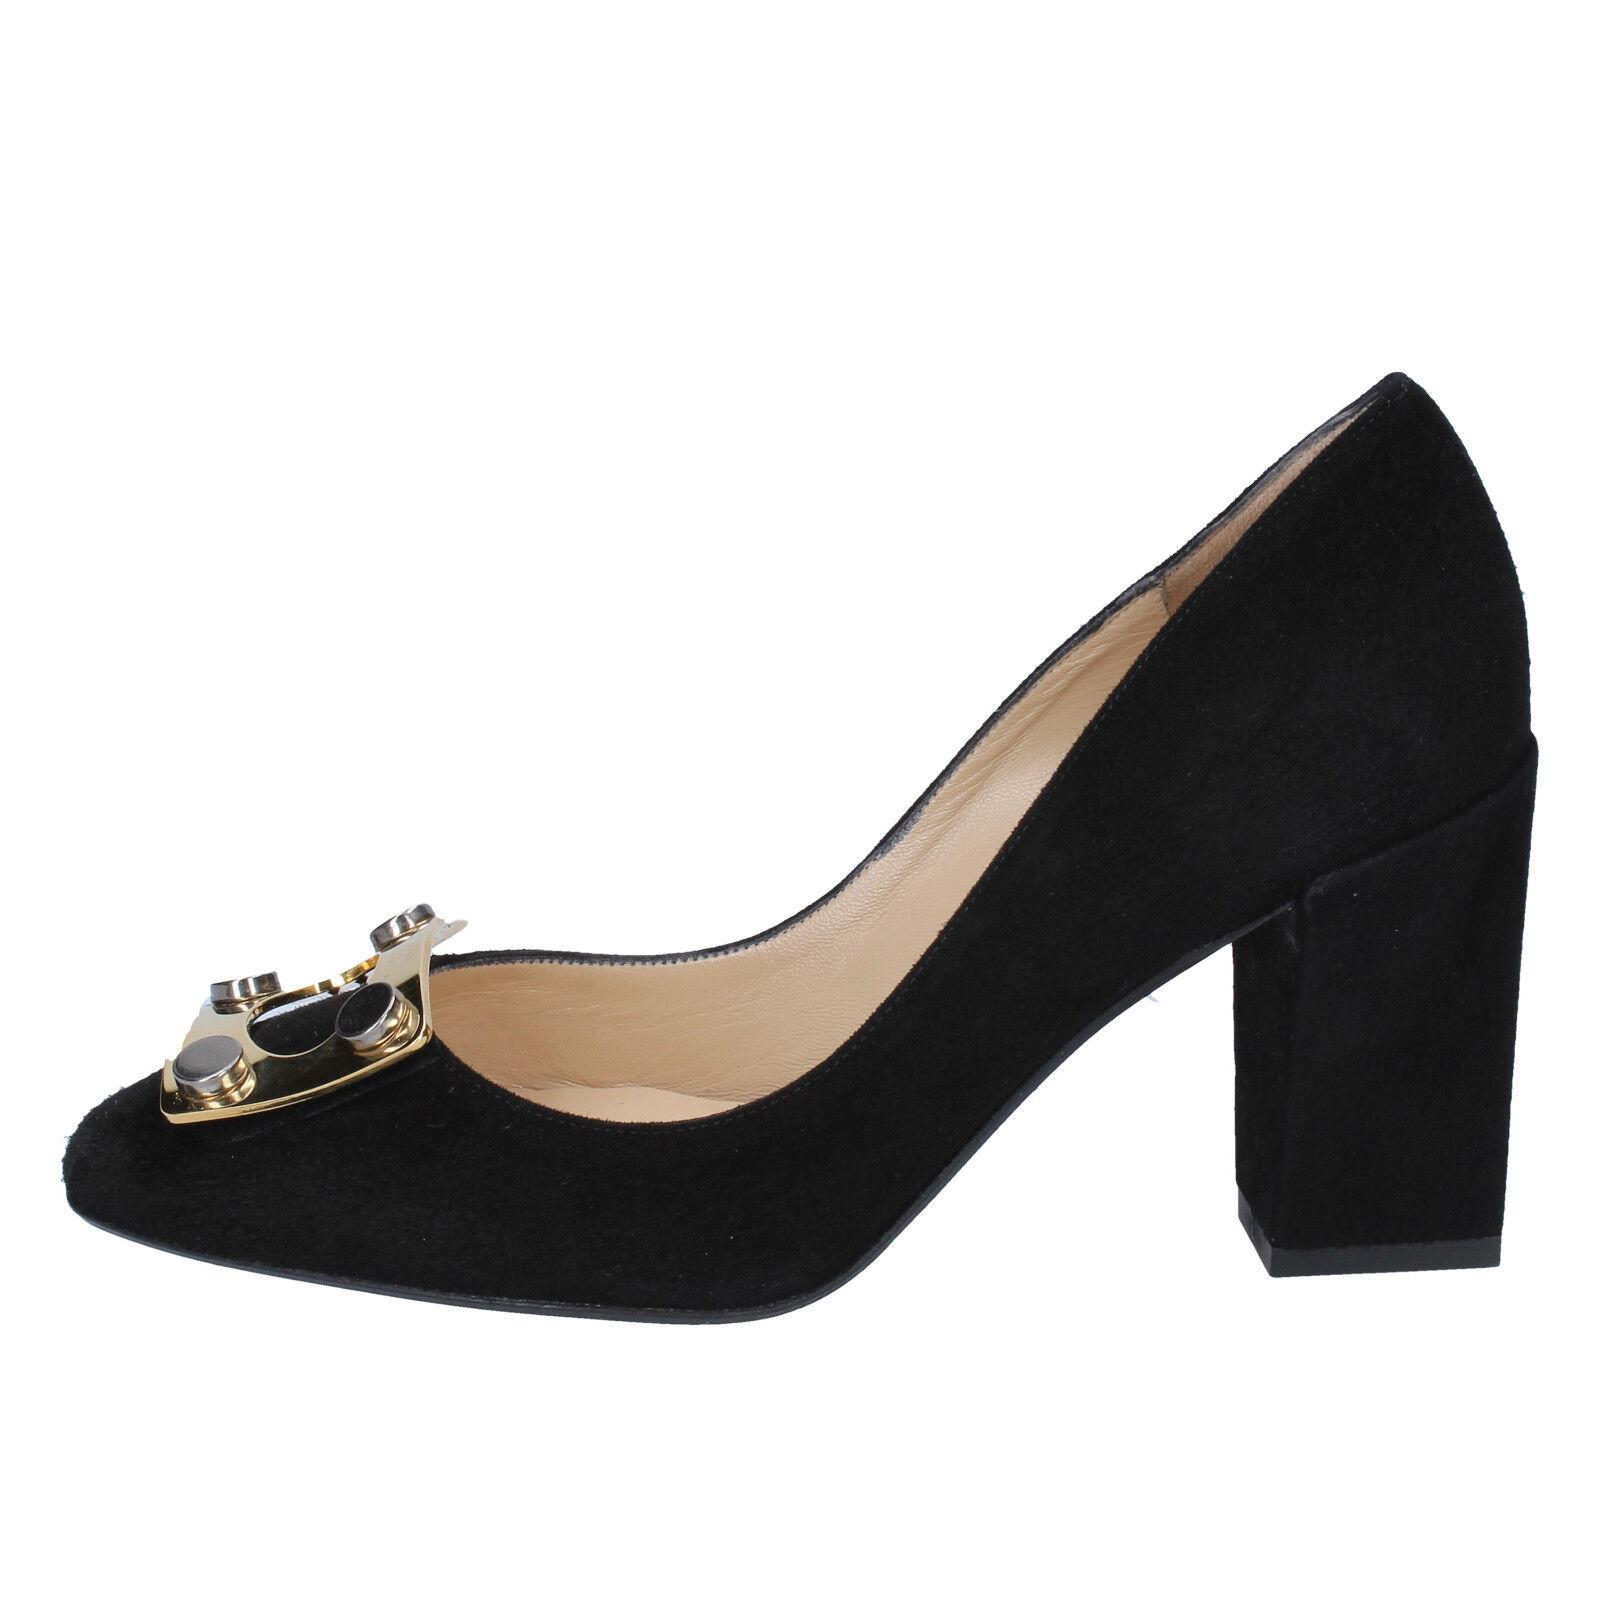 Femme Chaussures Gianni Marra 3,5 (UE 36,5) tribunaux en daim noir BX78-36, 5